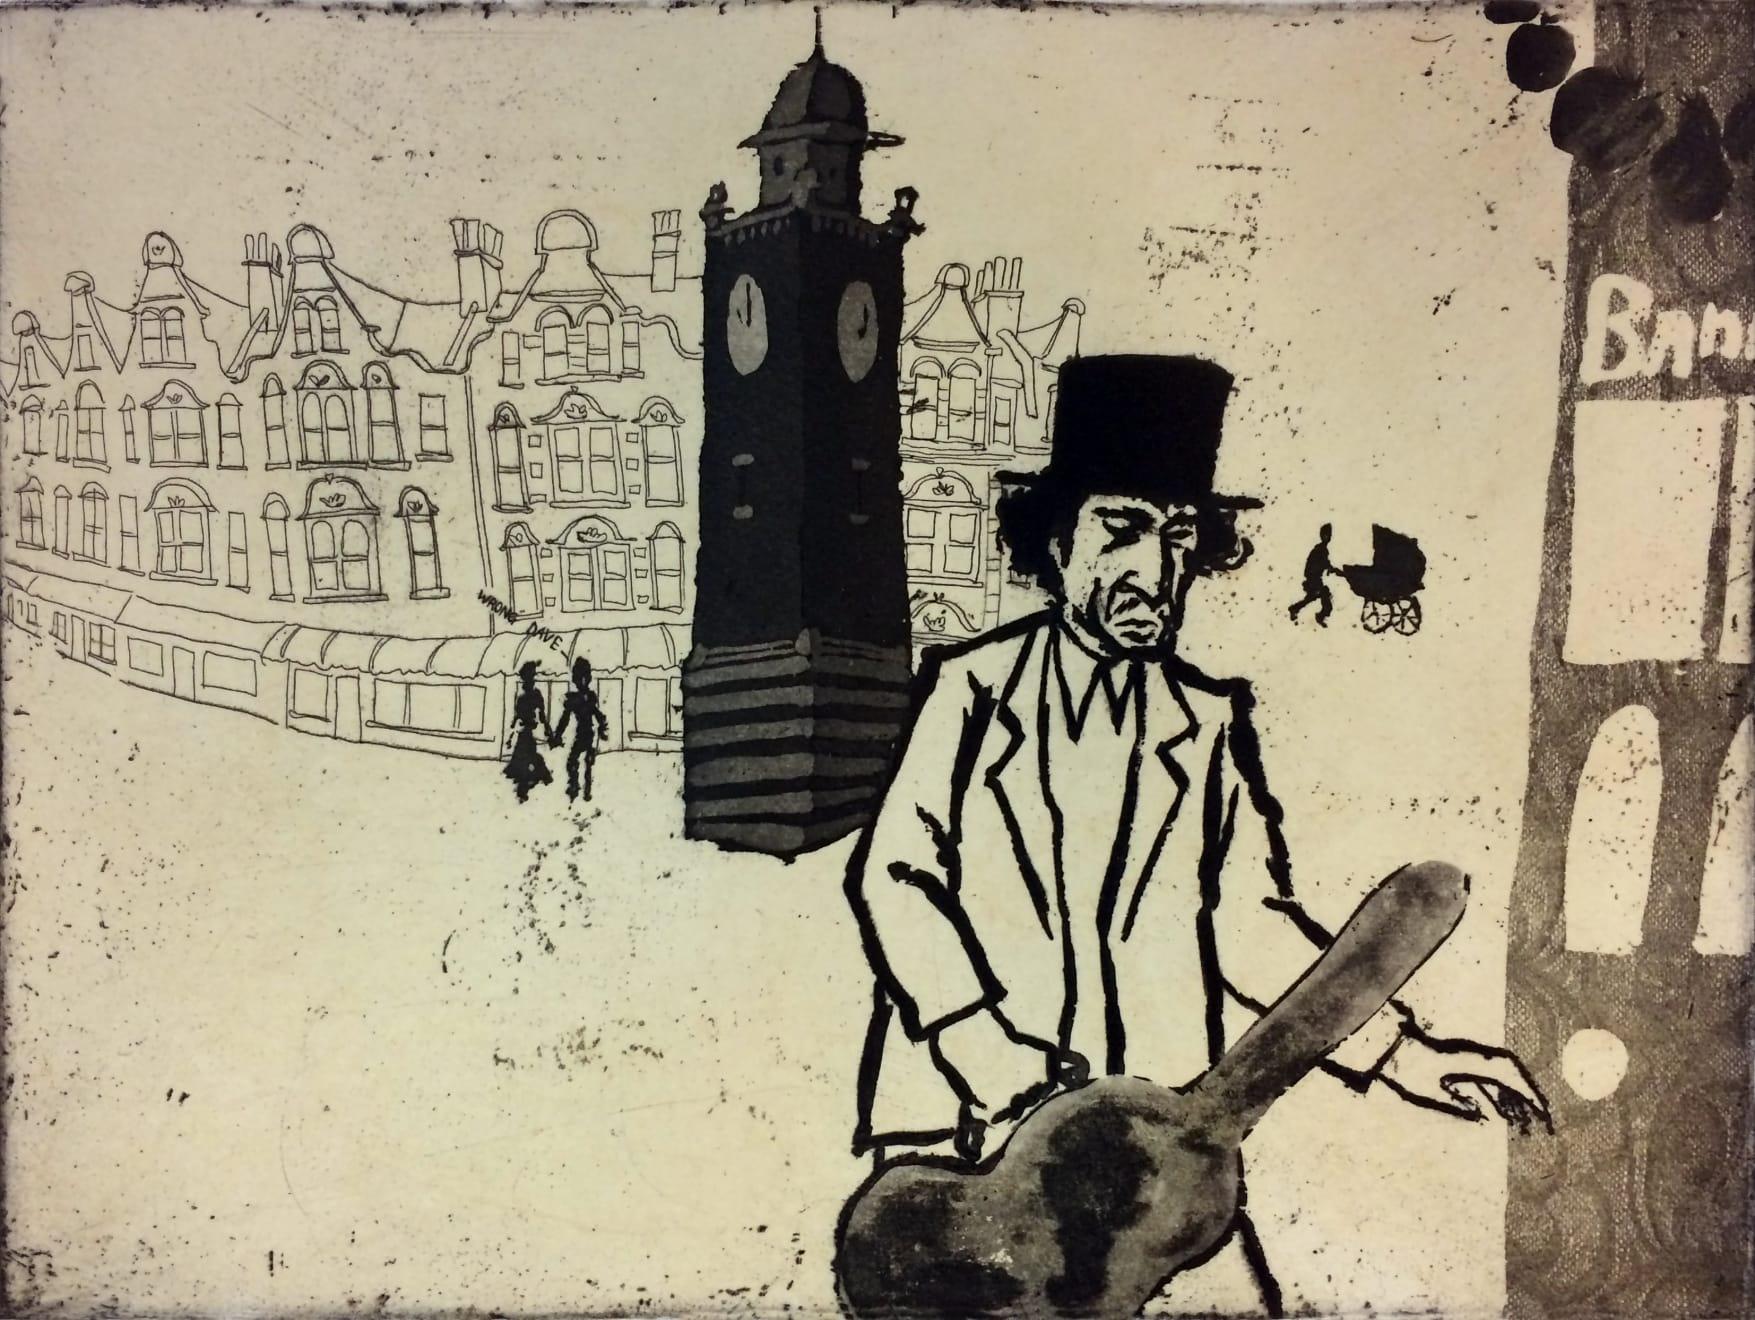 Mychael Barratt, Urban Myths IX, Bob Dylan in Crouch End, 2017